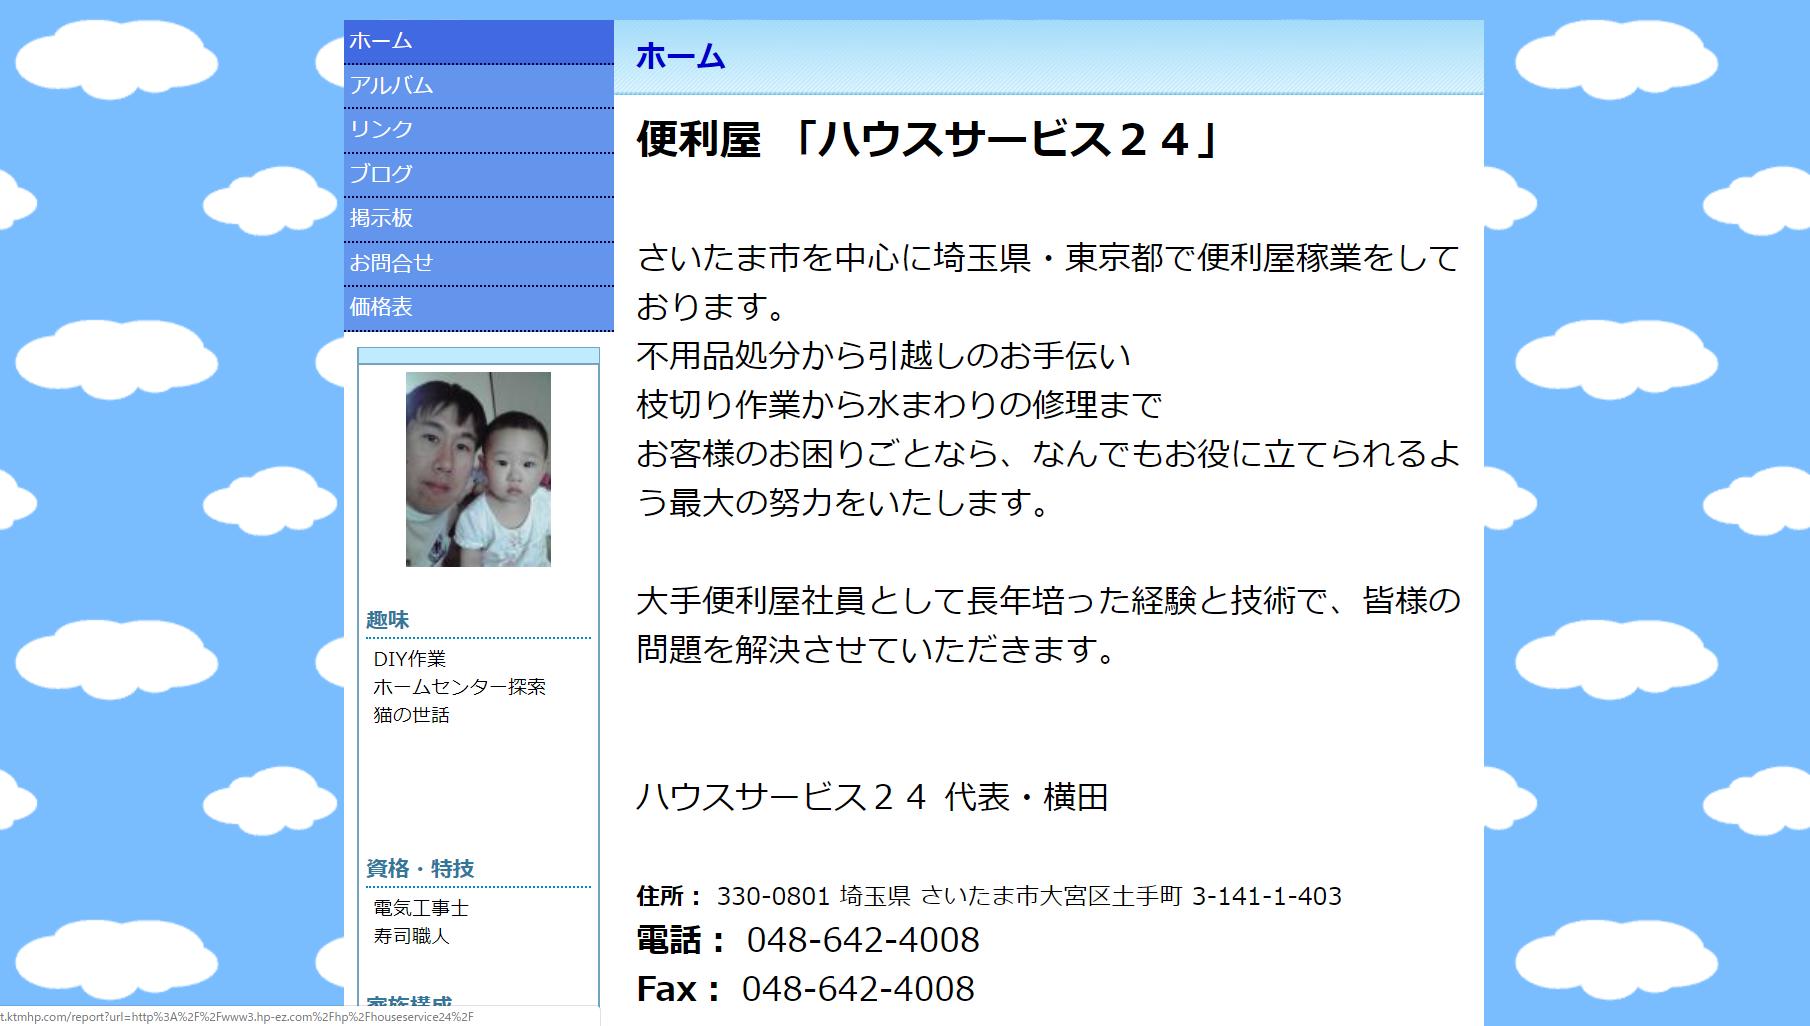 ハウスサービス24(埼玉県さいたま市大宮区)